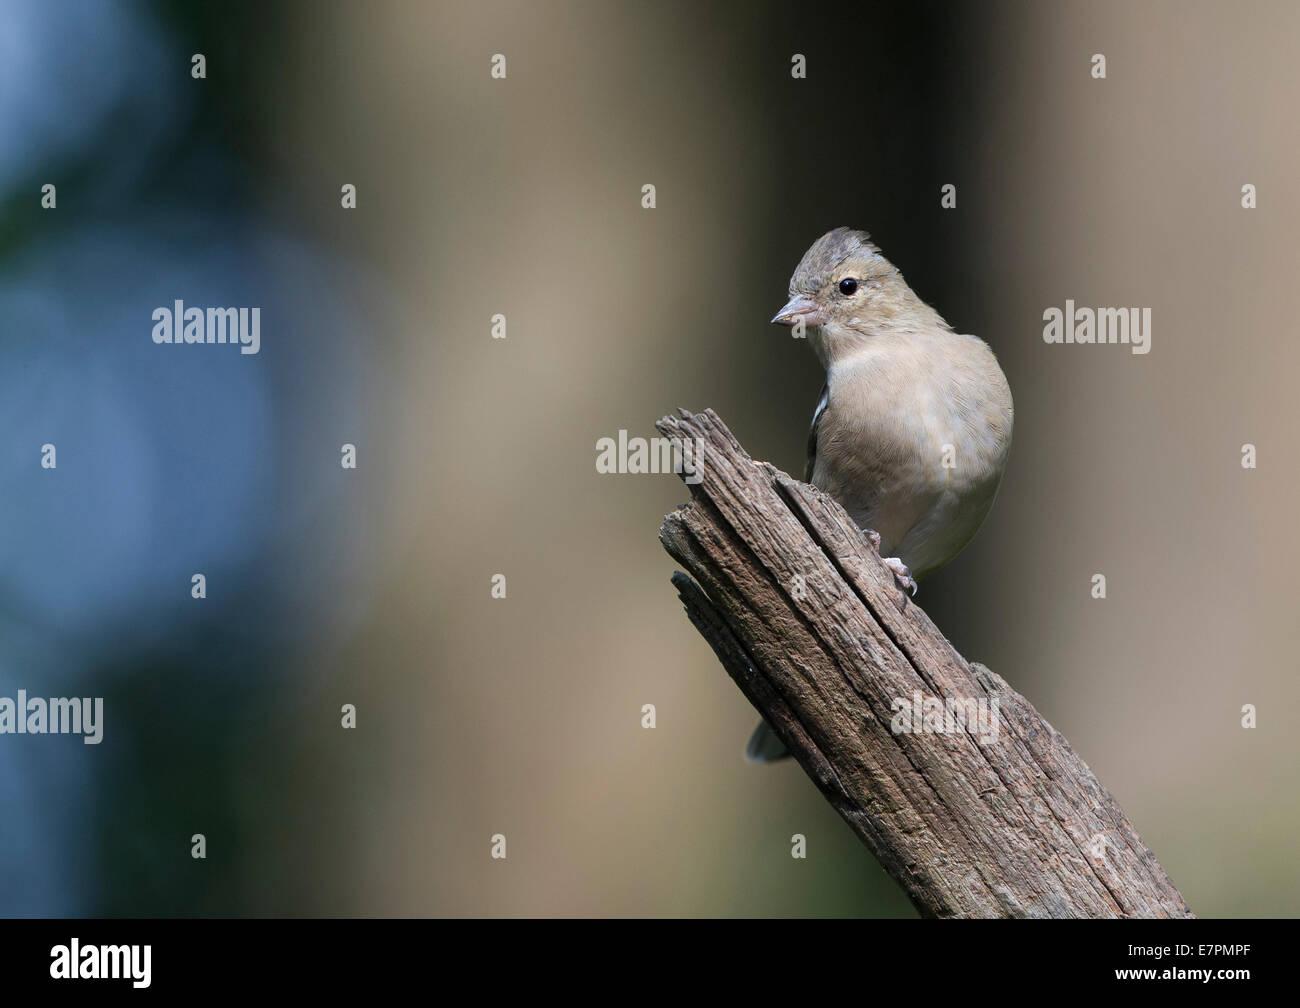 Female Common chaffinch (Fringilla coelebs) - Stock Image